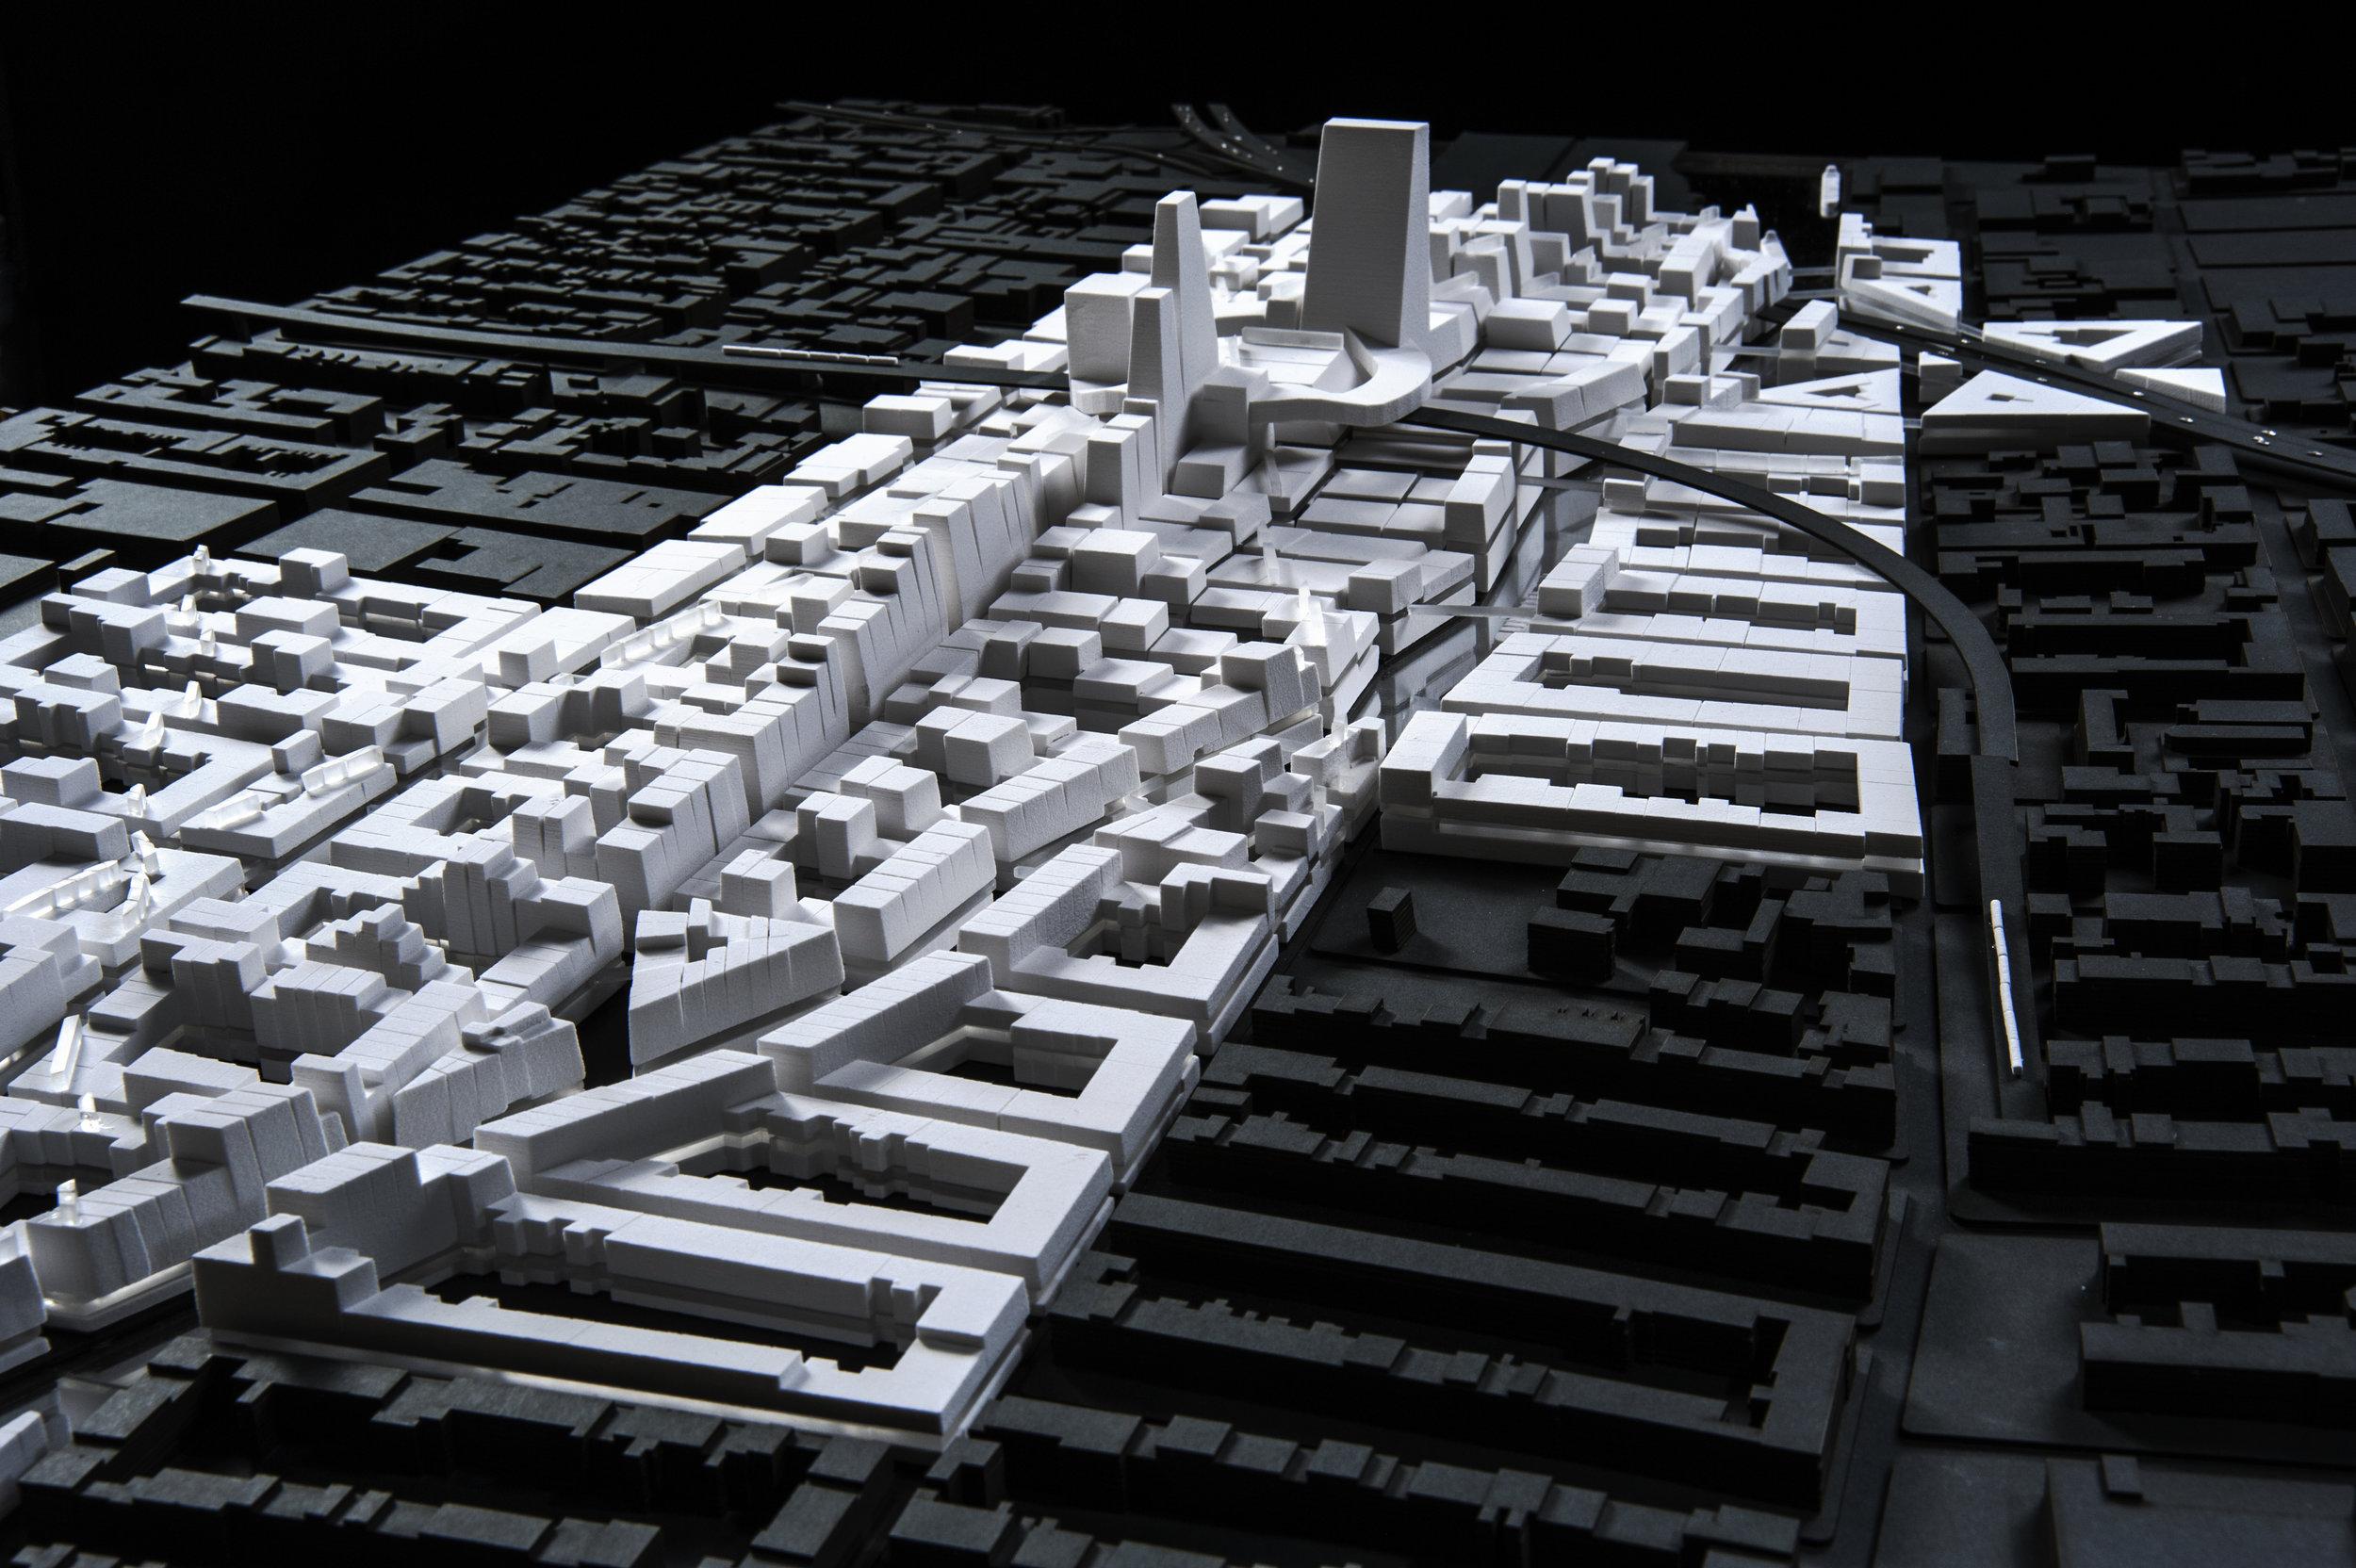 V.1.03 Site Model